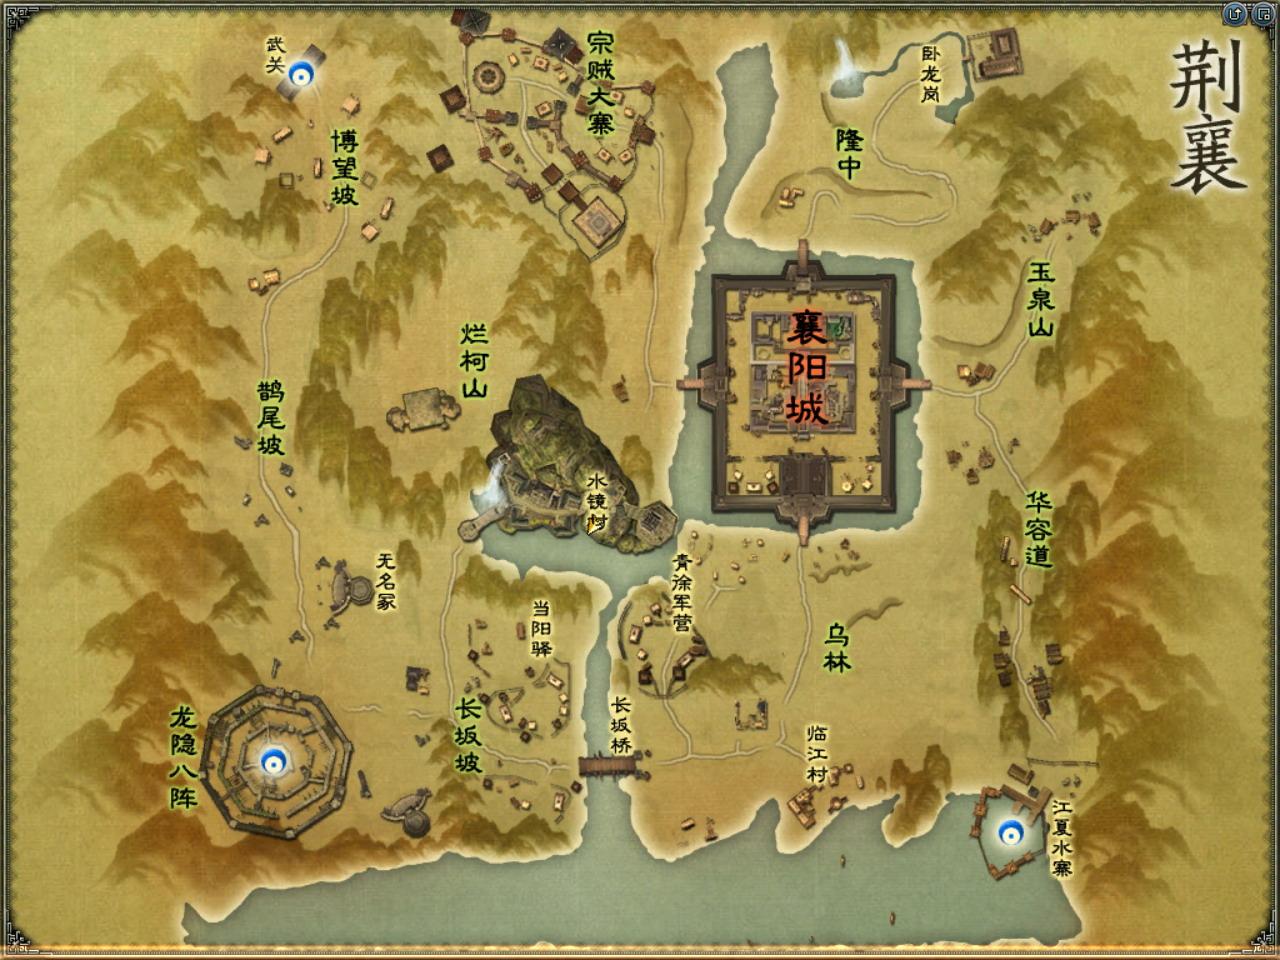 高清游戏地图素材